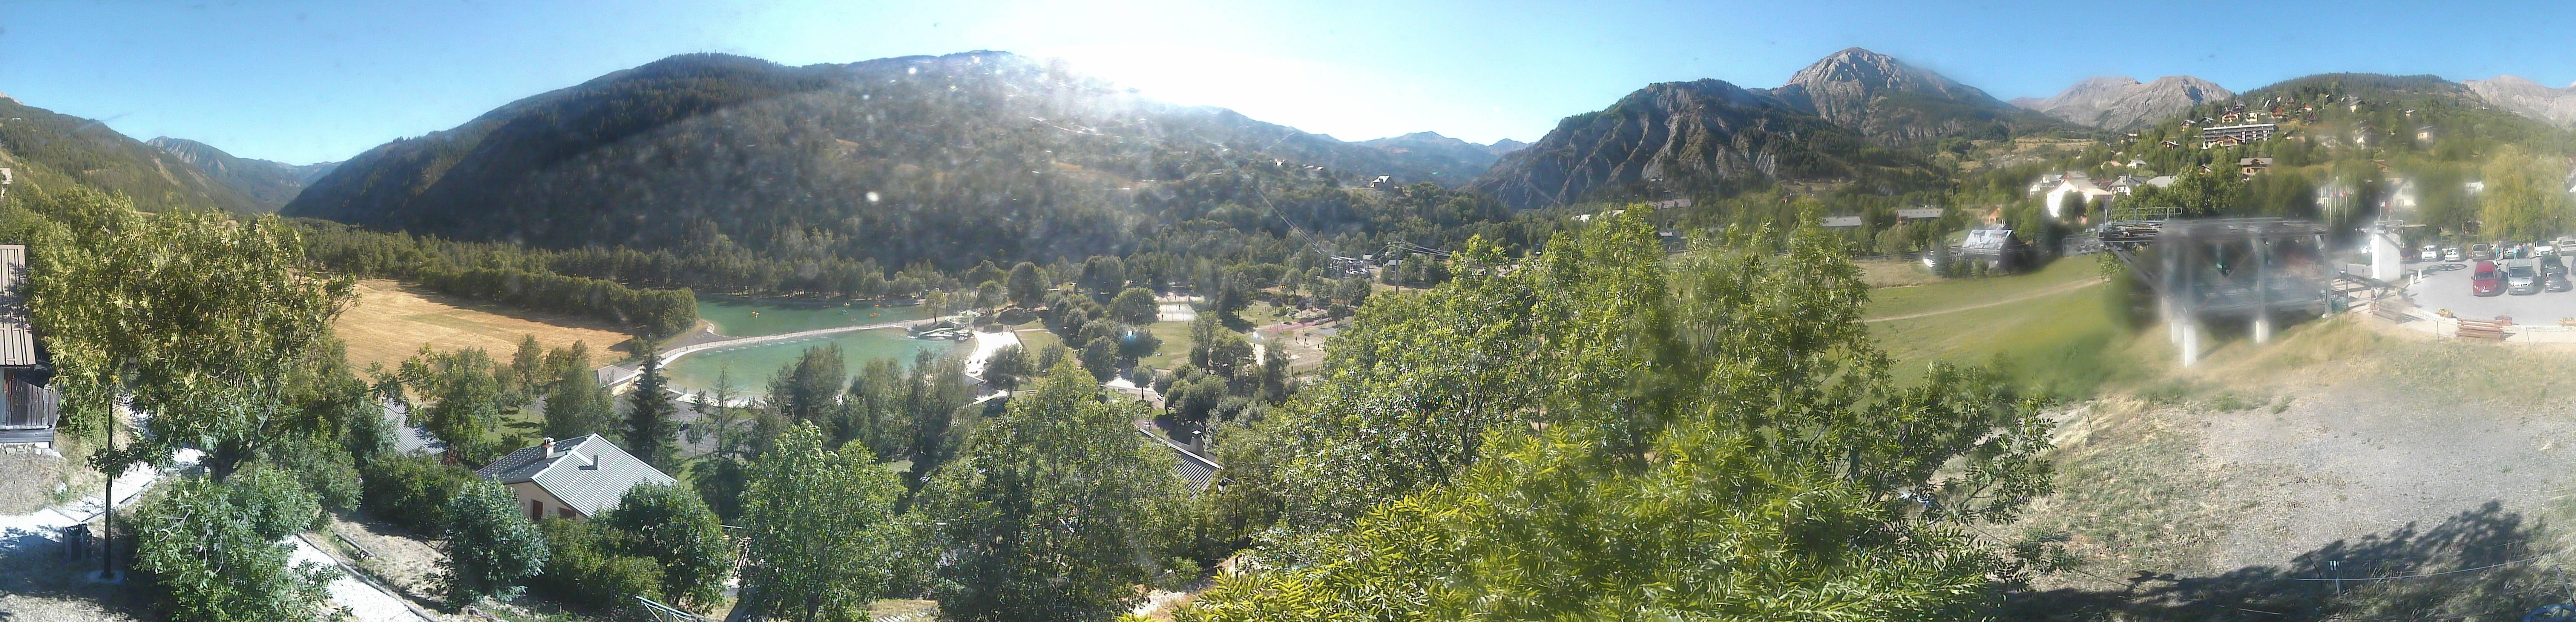 Allos - Village